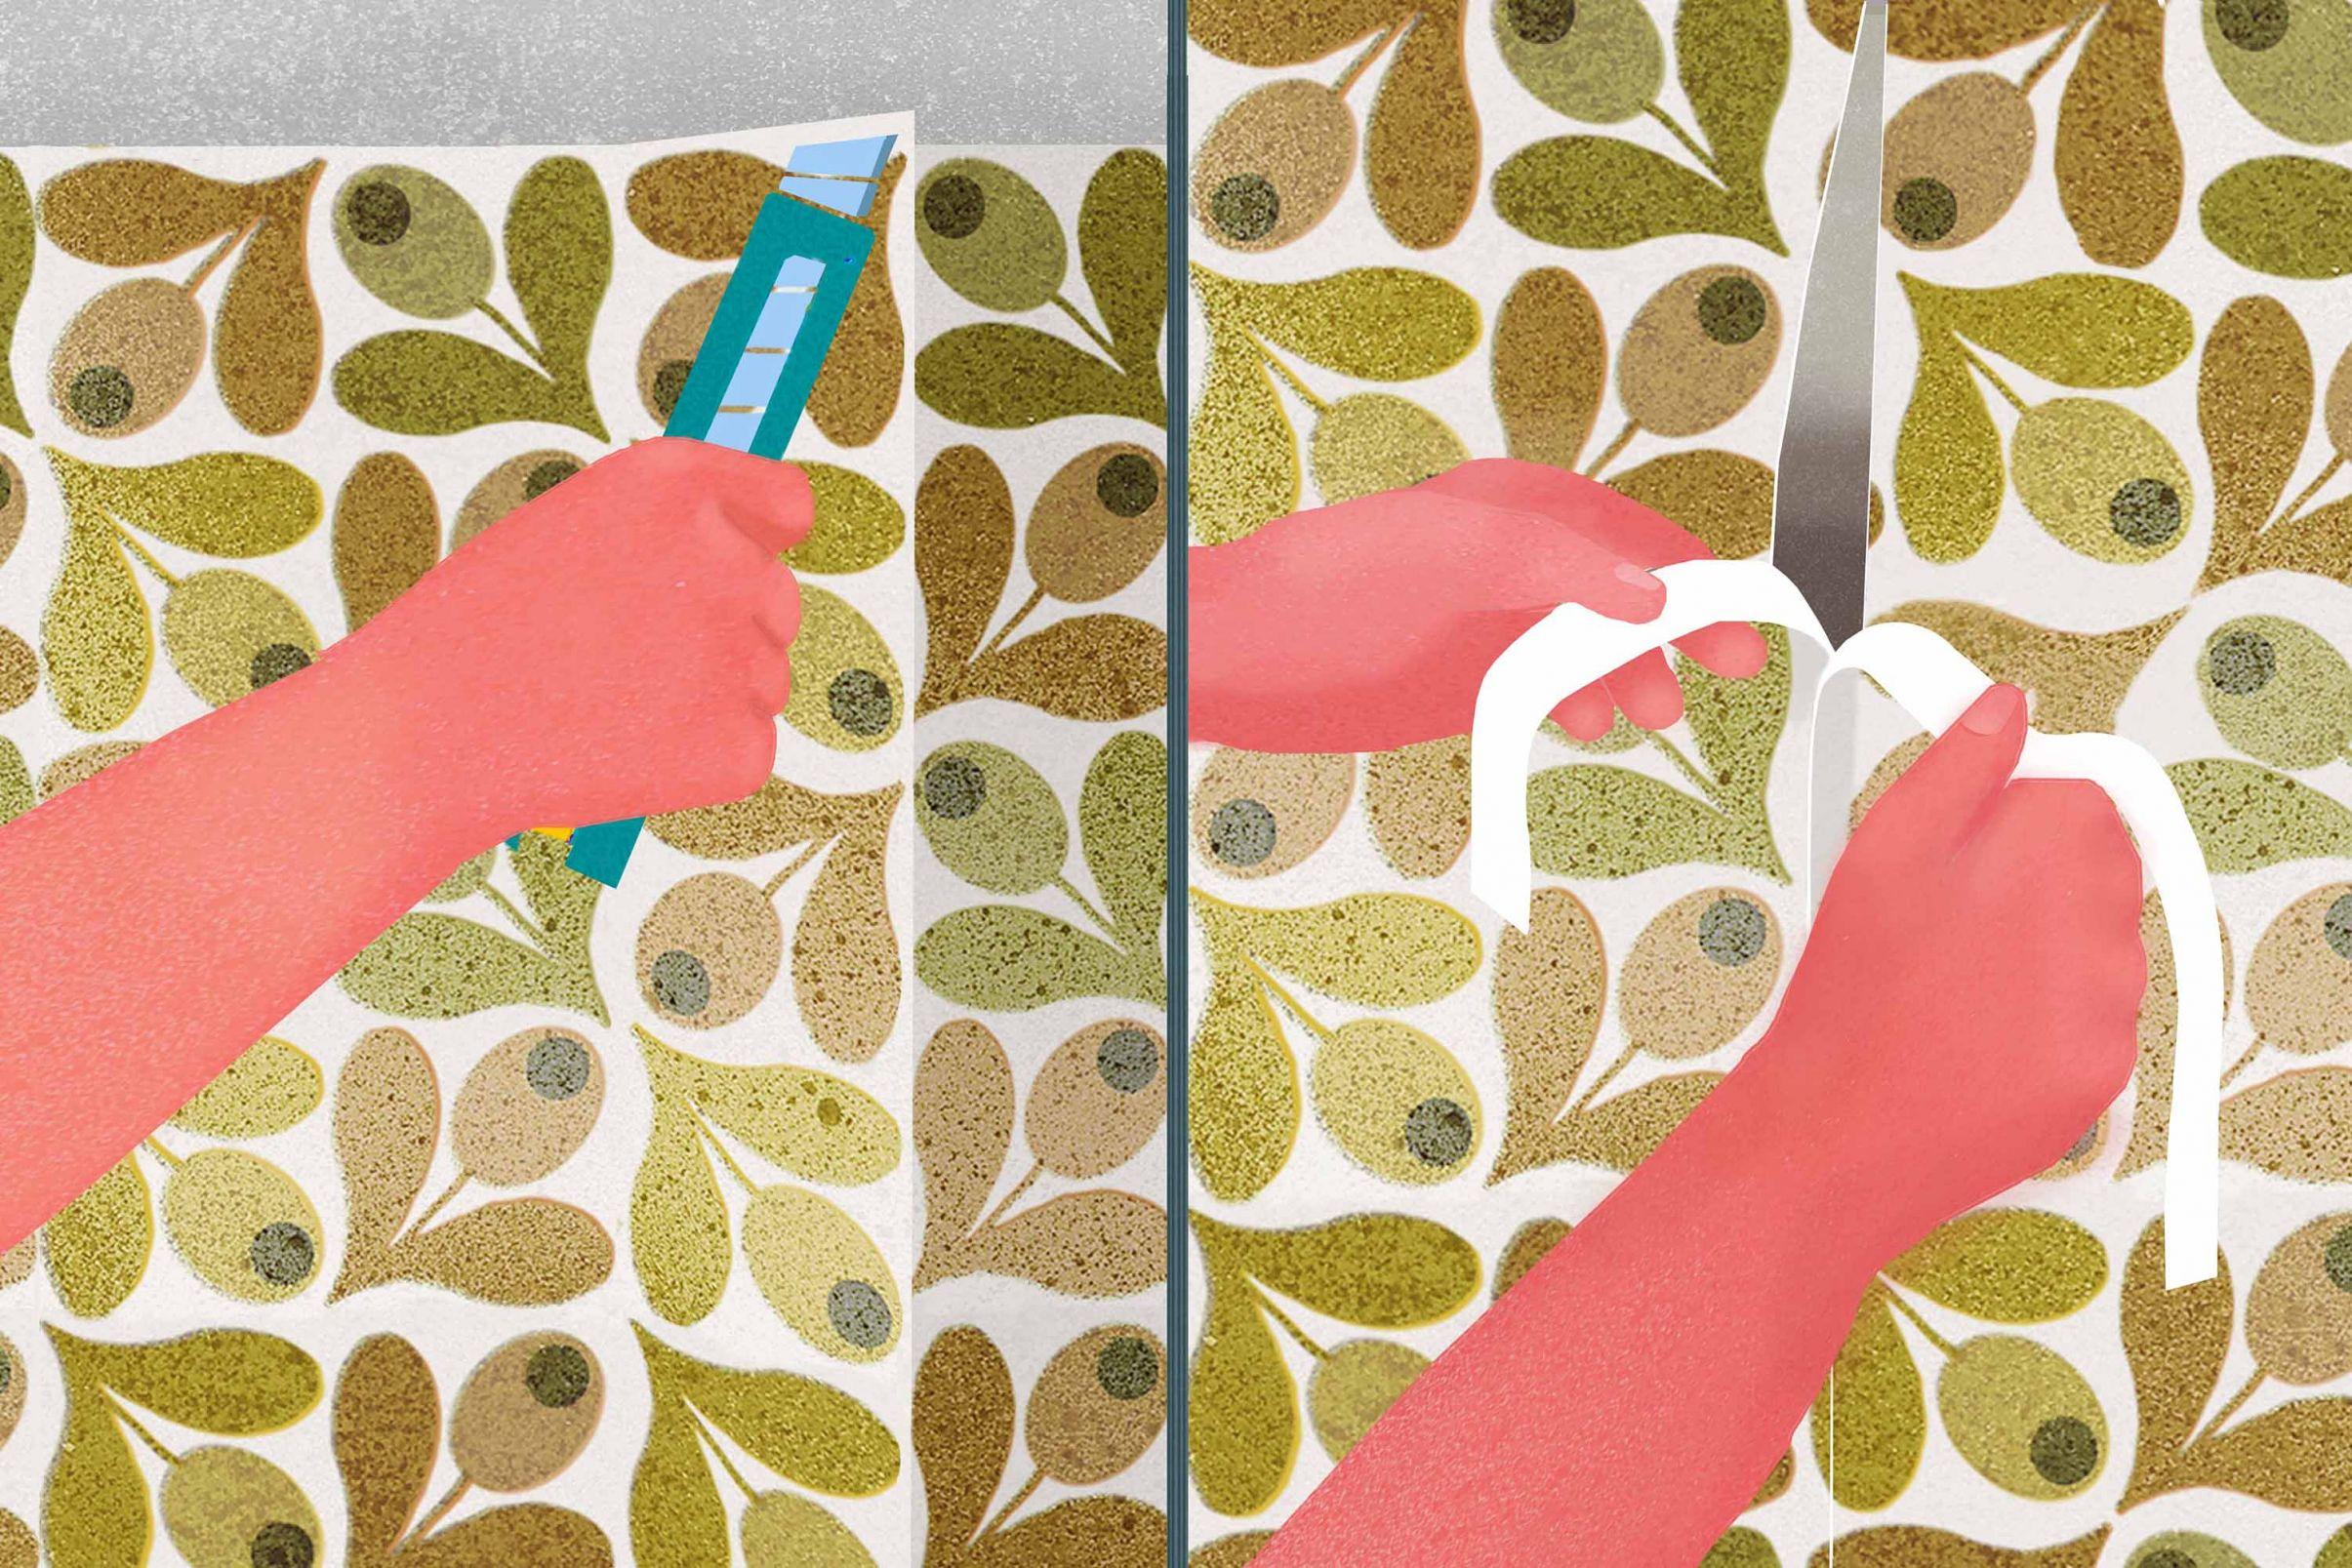 Come-posare-la-carta-da-parati-attorno-a-porte-e-finestre-Rimuovere-le-eccedenze-con-la-tecnica-del-doppio-taglio